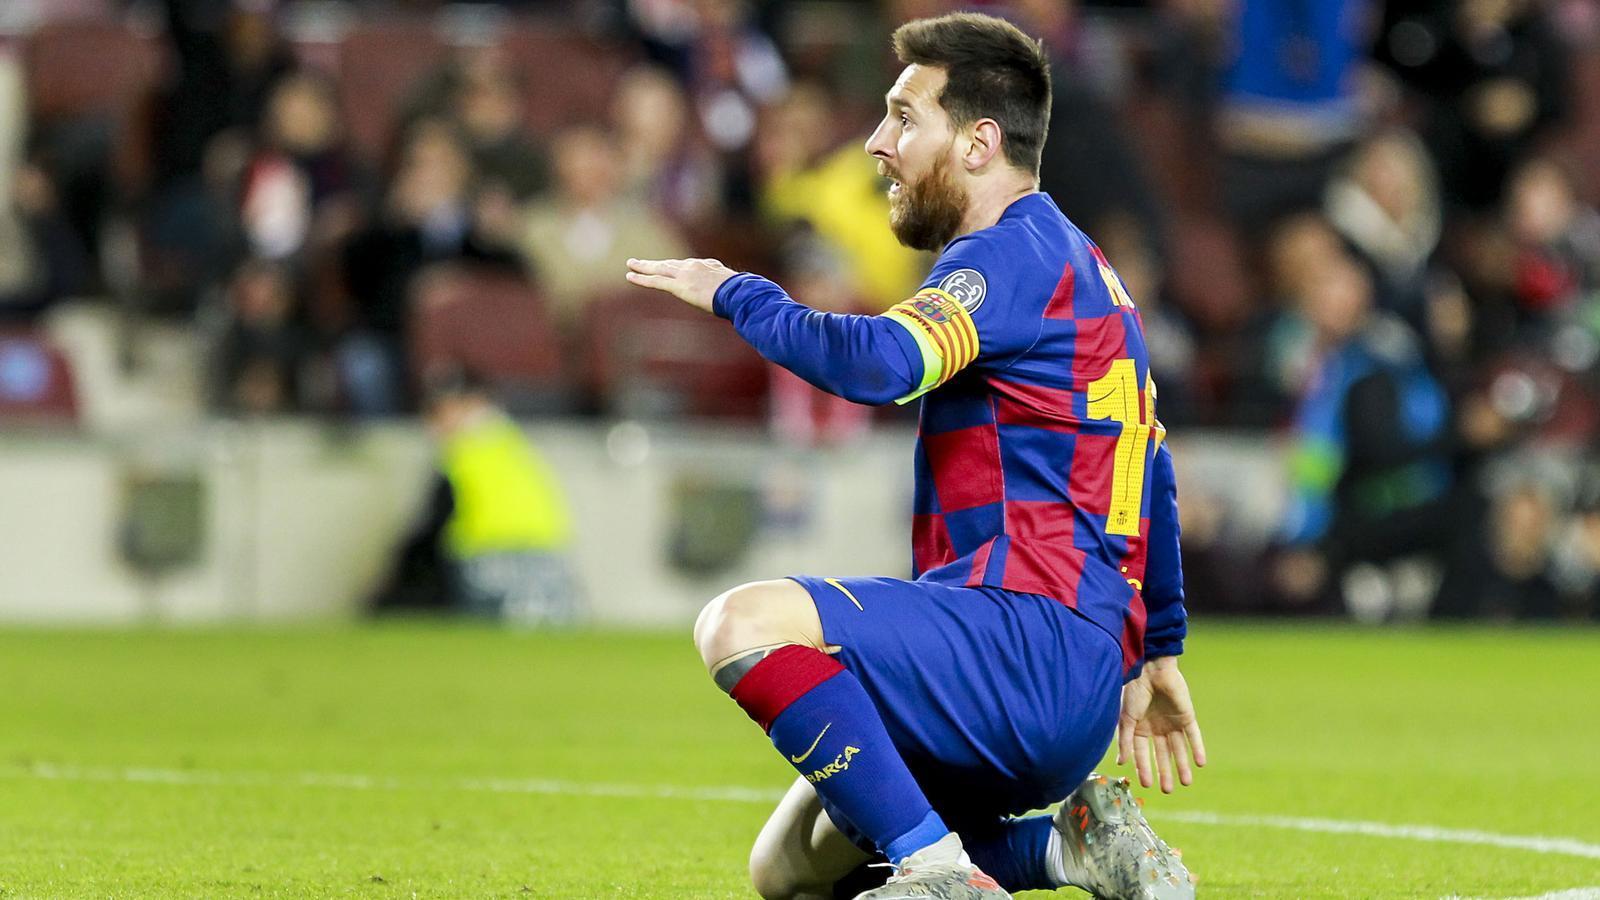 Messi durant el partit de futbol Champions FC Barcelona Barça Slavia Praga